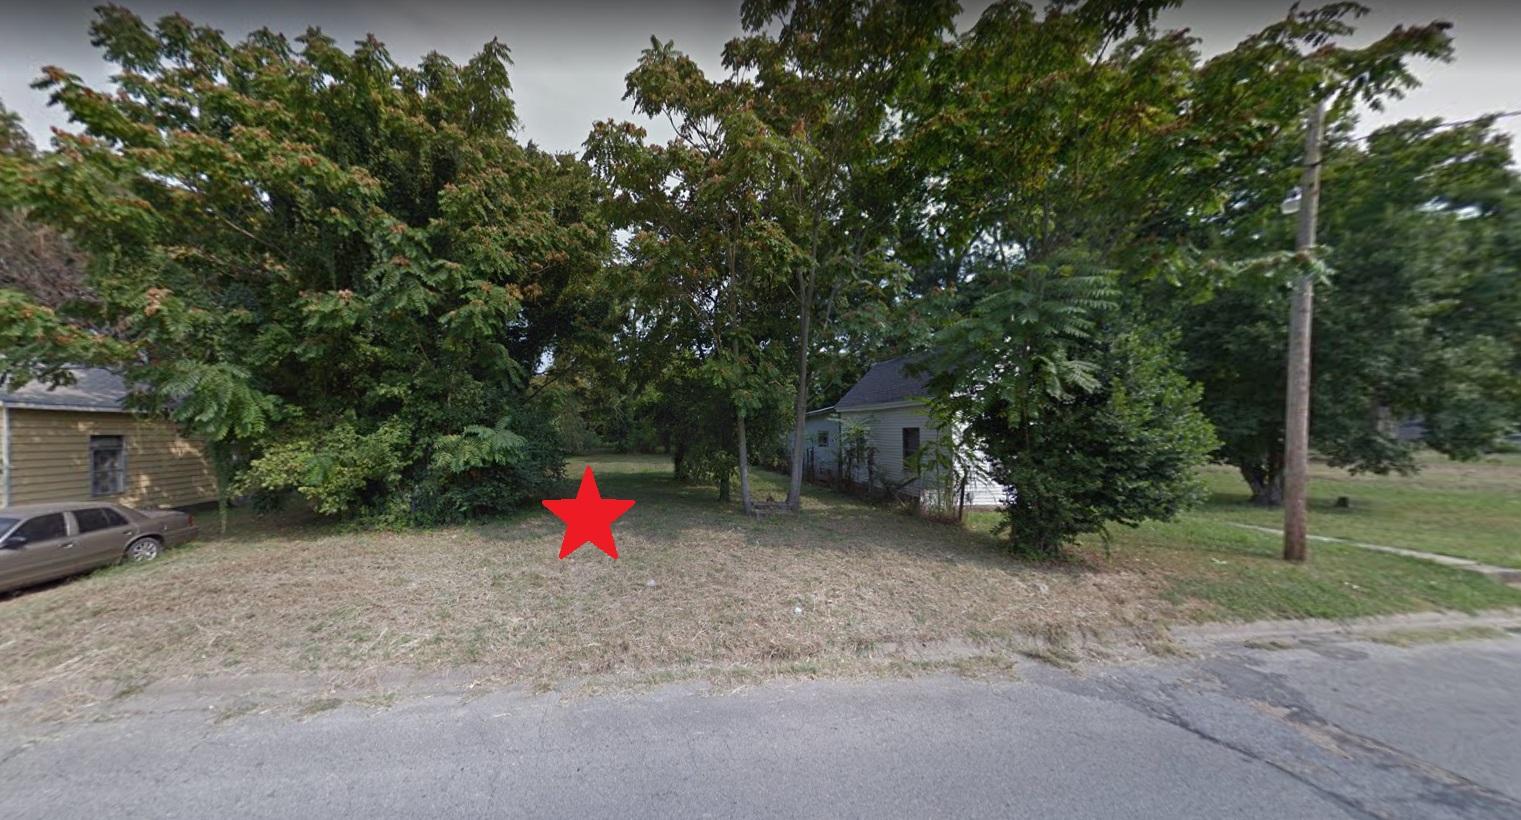 Lot 7, W Scott St, Forrest City, AR 72335